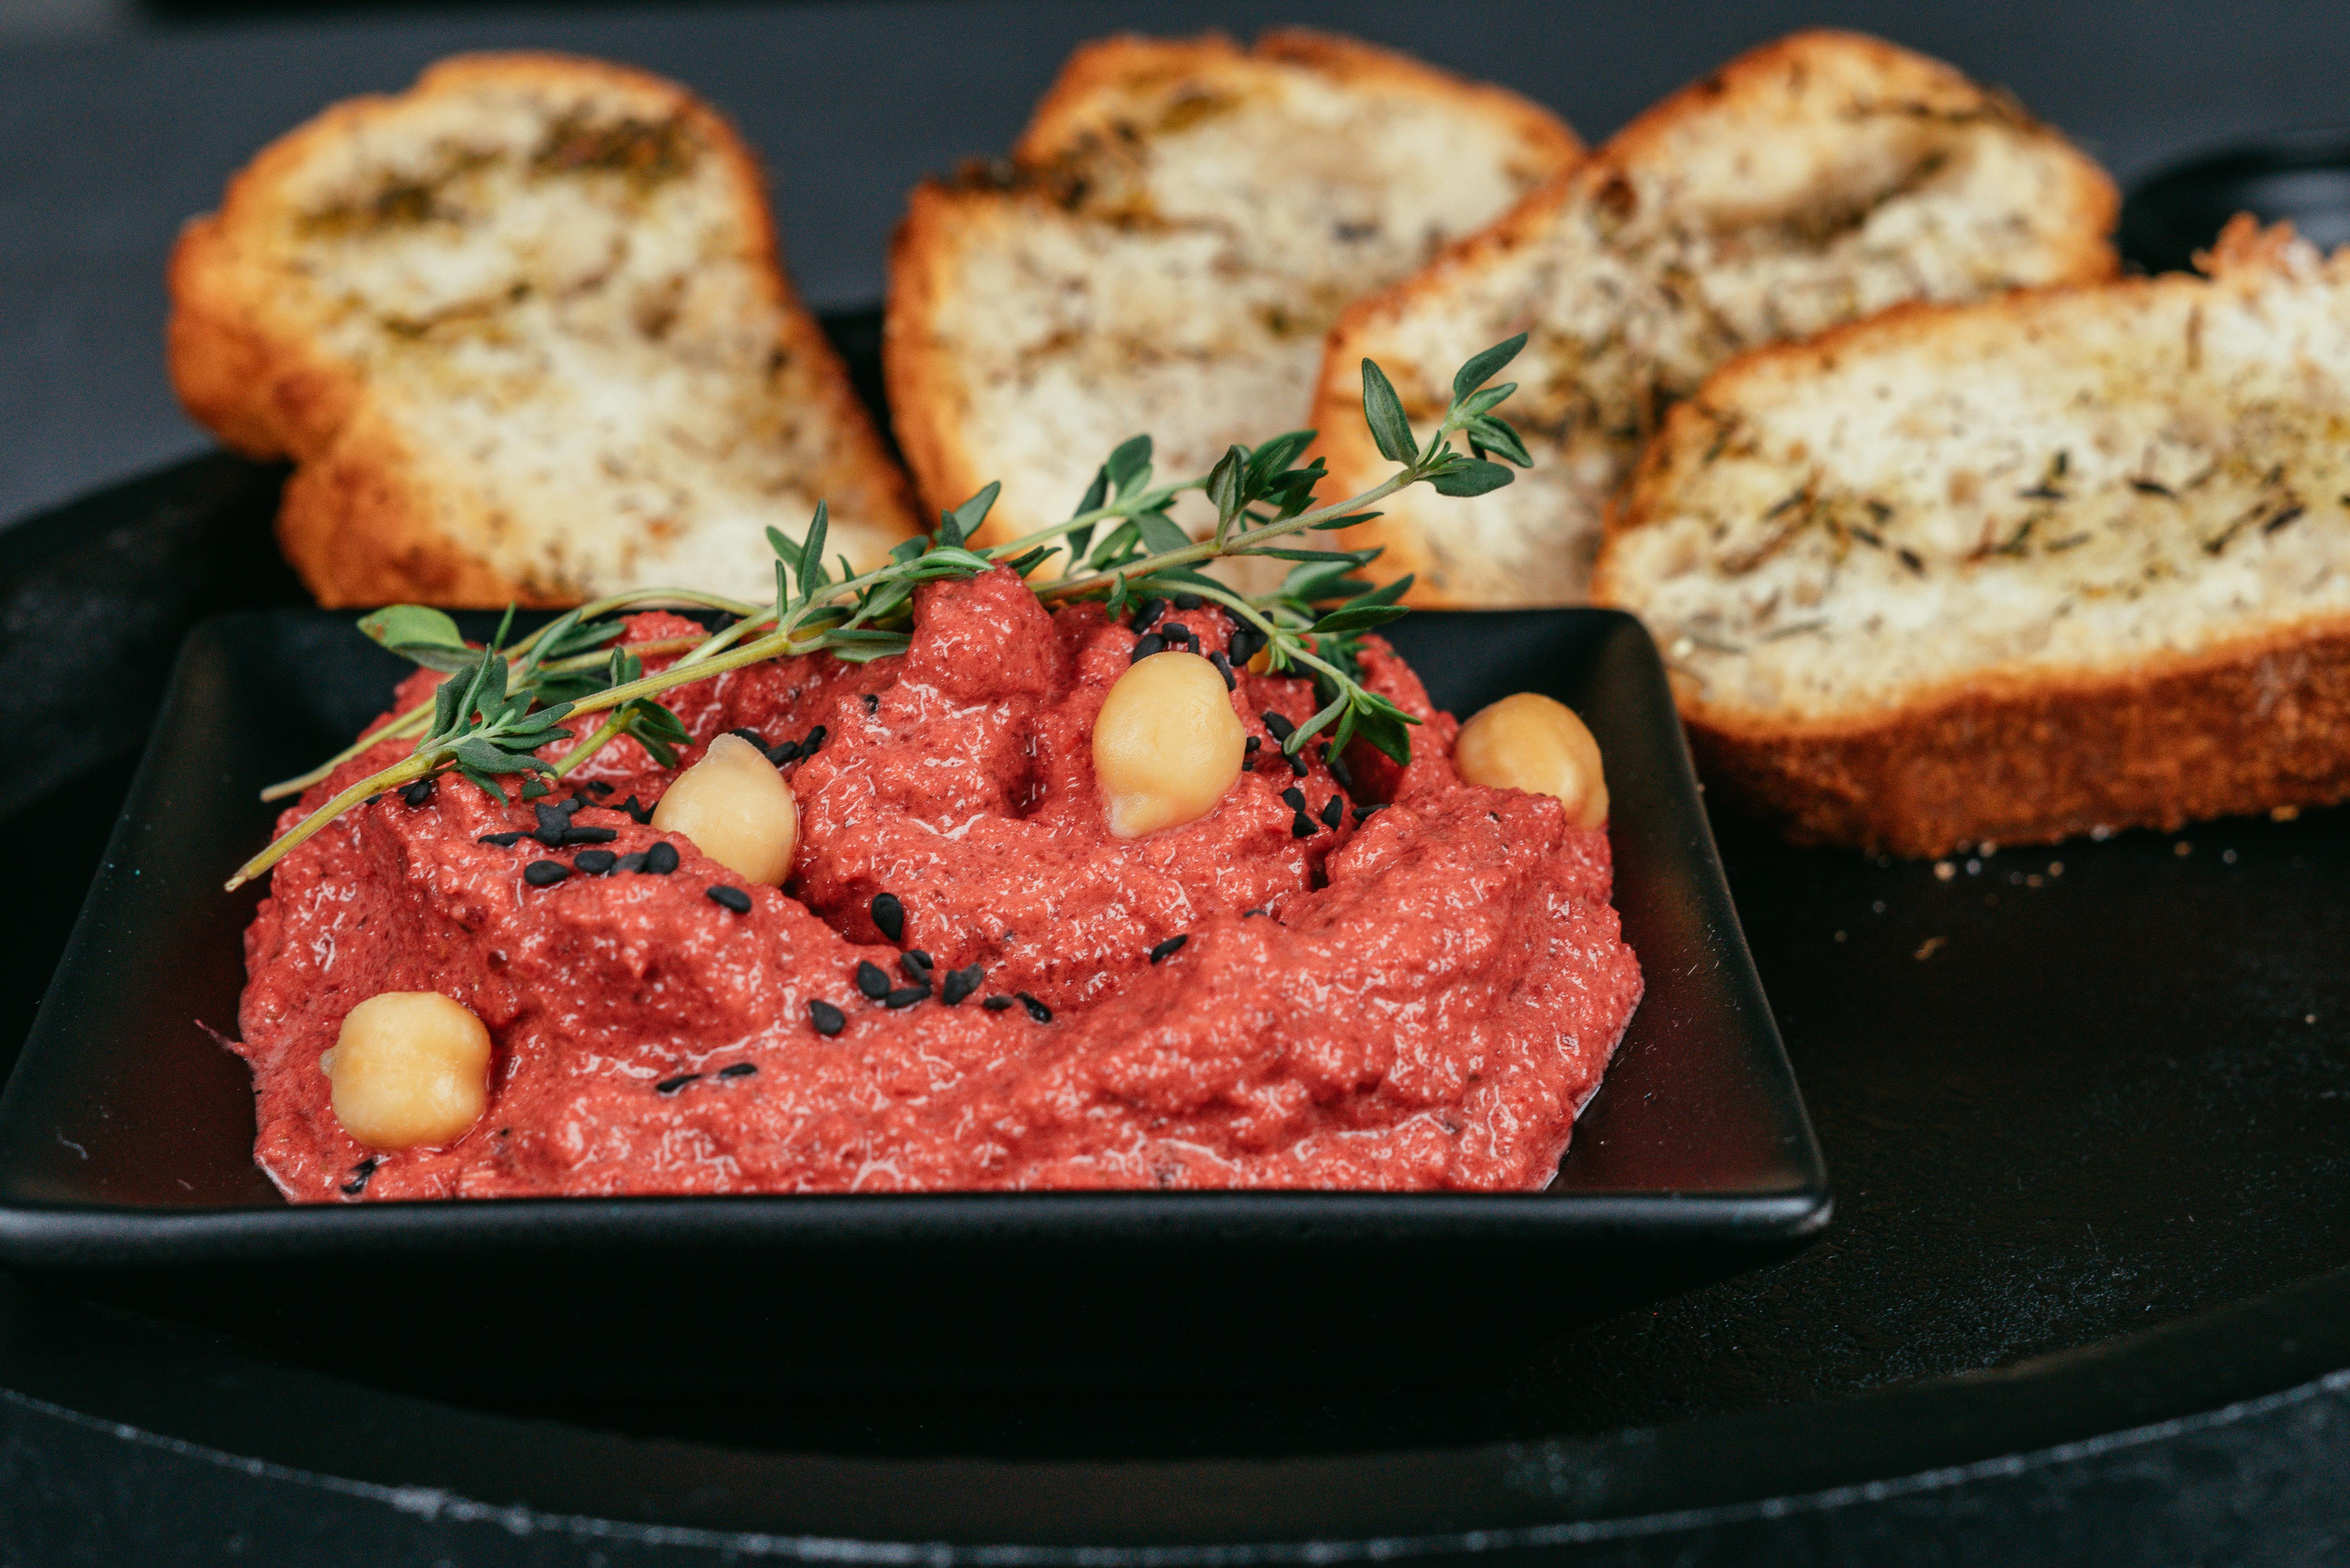 las mejores ideas de entrantes vegetarianos caseros en fotos, humus de remolacha y garbanzos con tostadas al horno